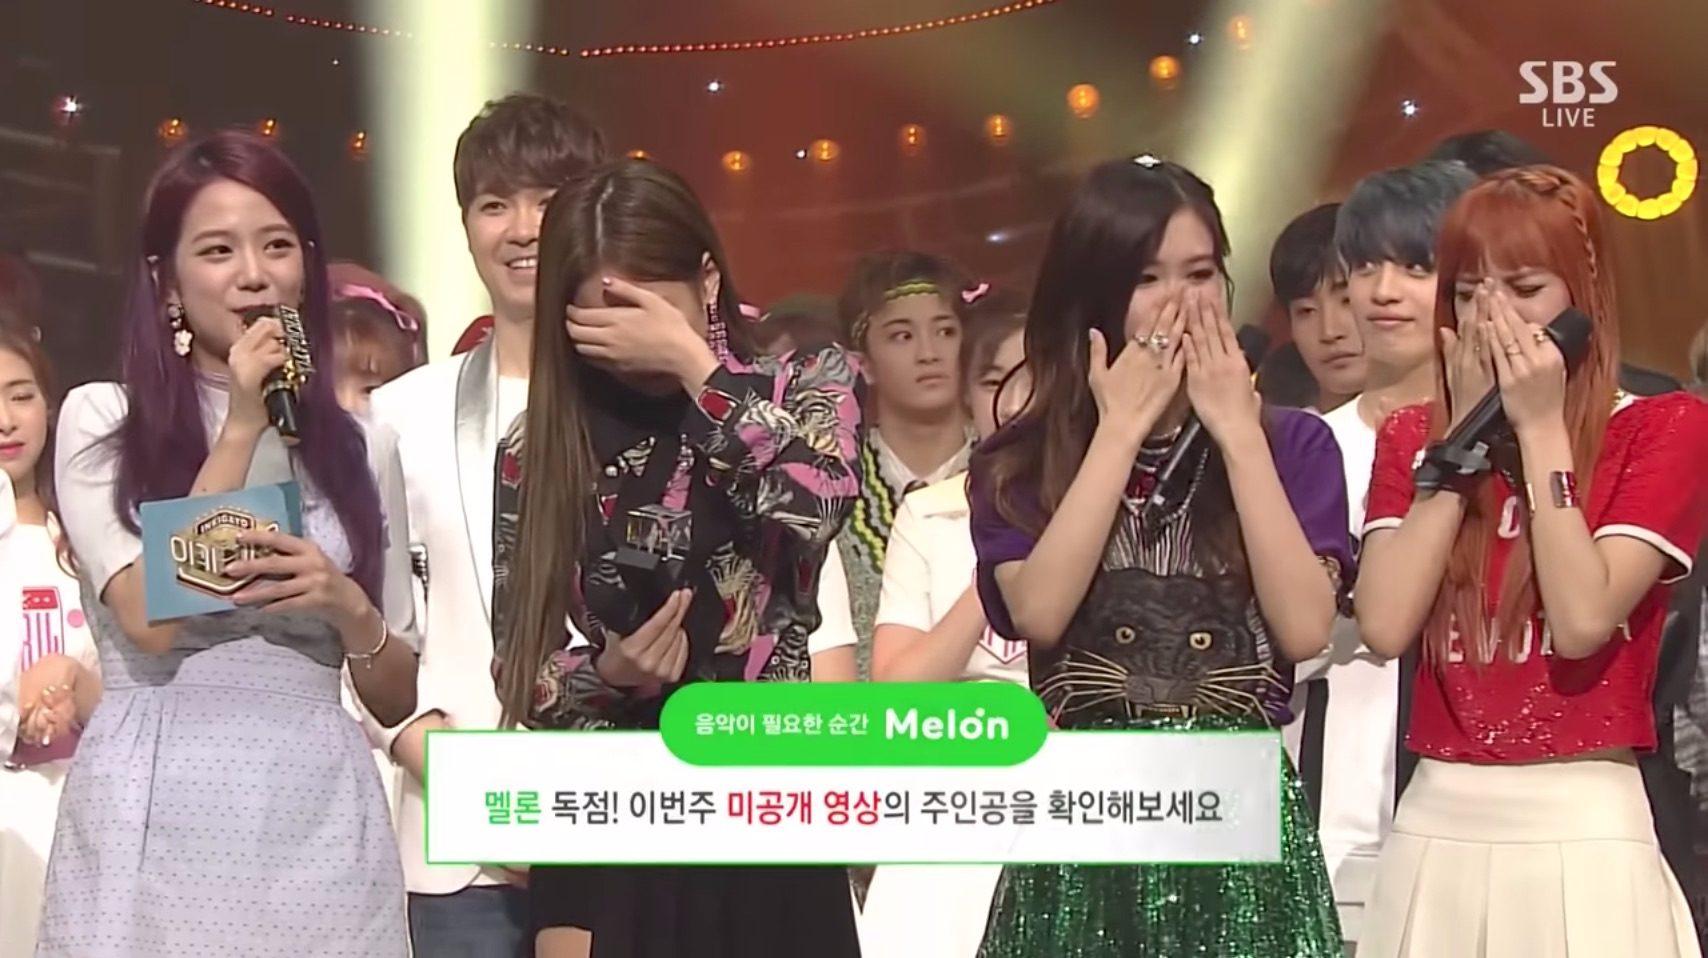 今天播出的<人氣歌謠>BLACKPINK獲得這次回歸的首個一位,成員們也紛紛流下感動的眼淚!!除了Jisoo相對冷靜之外(因為Jisoo是節目的主持人),其他成員都哭得無法講出話來  ㅠㅠ